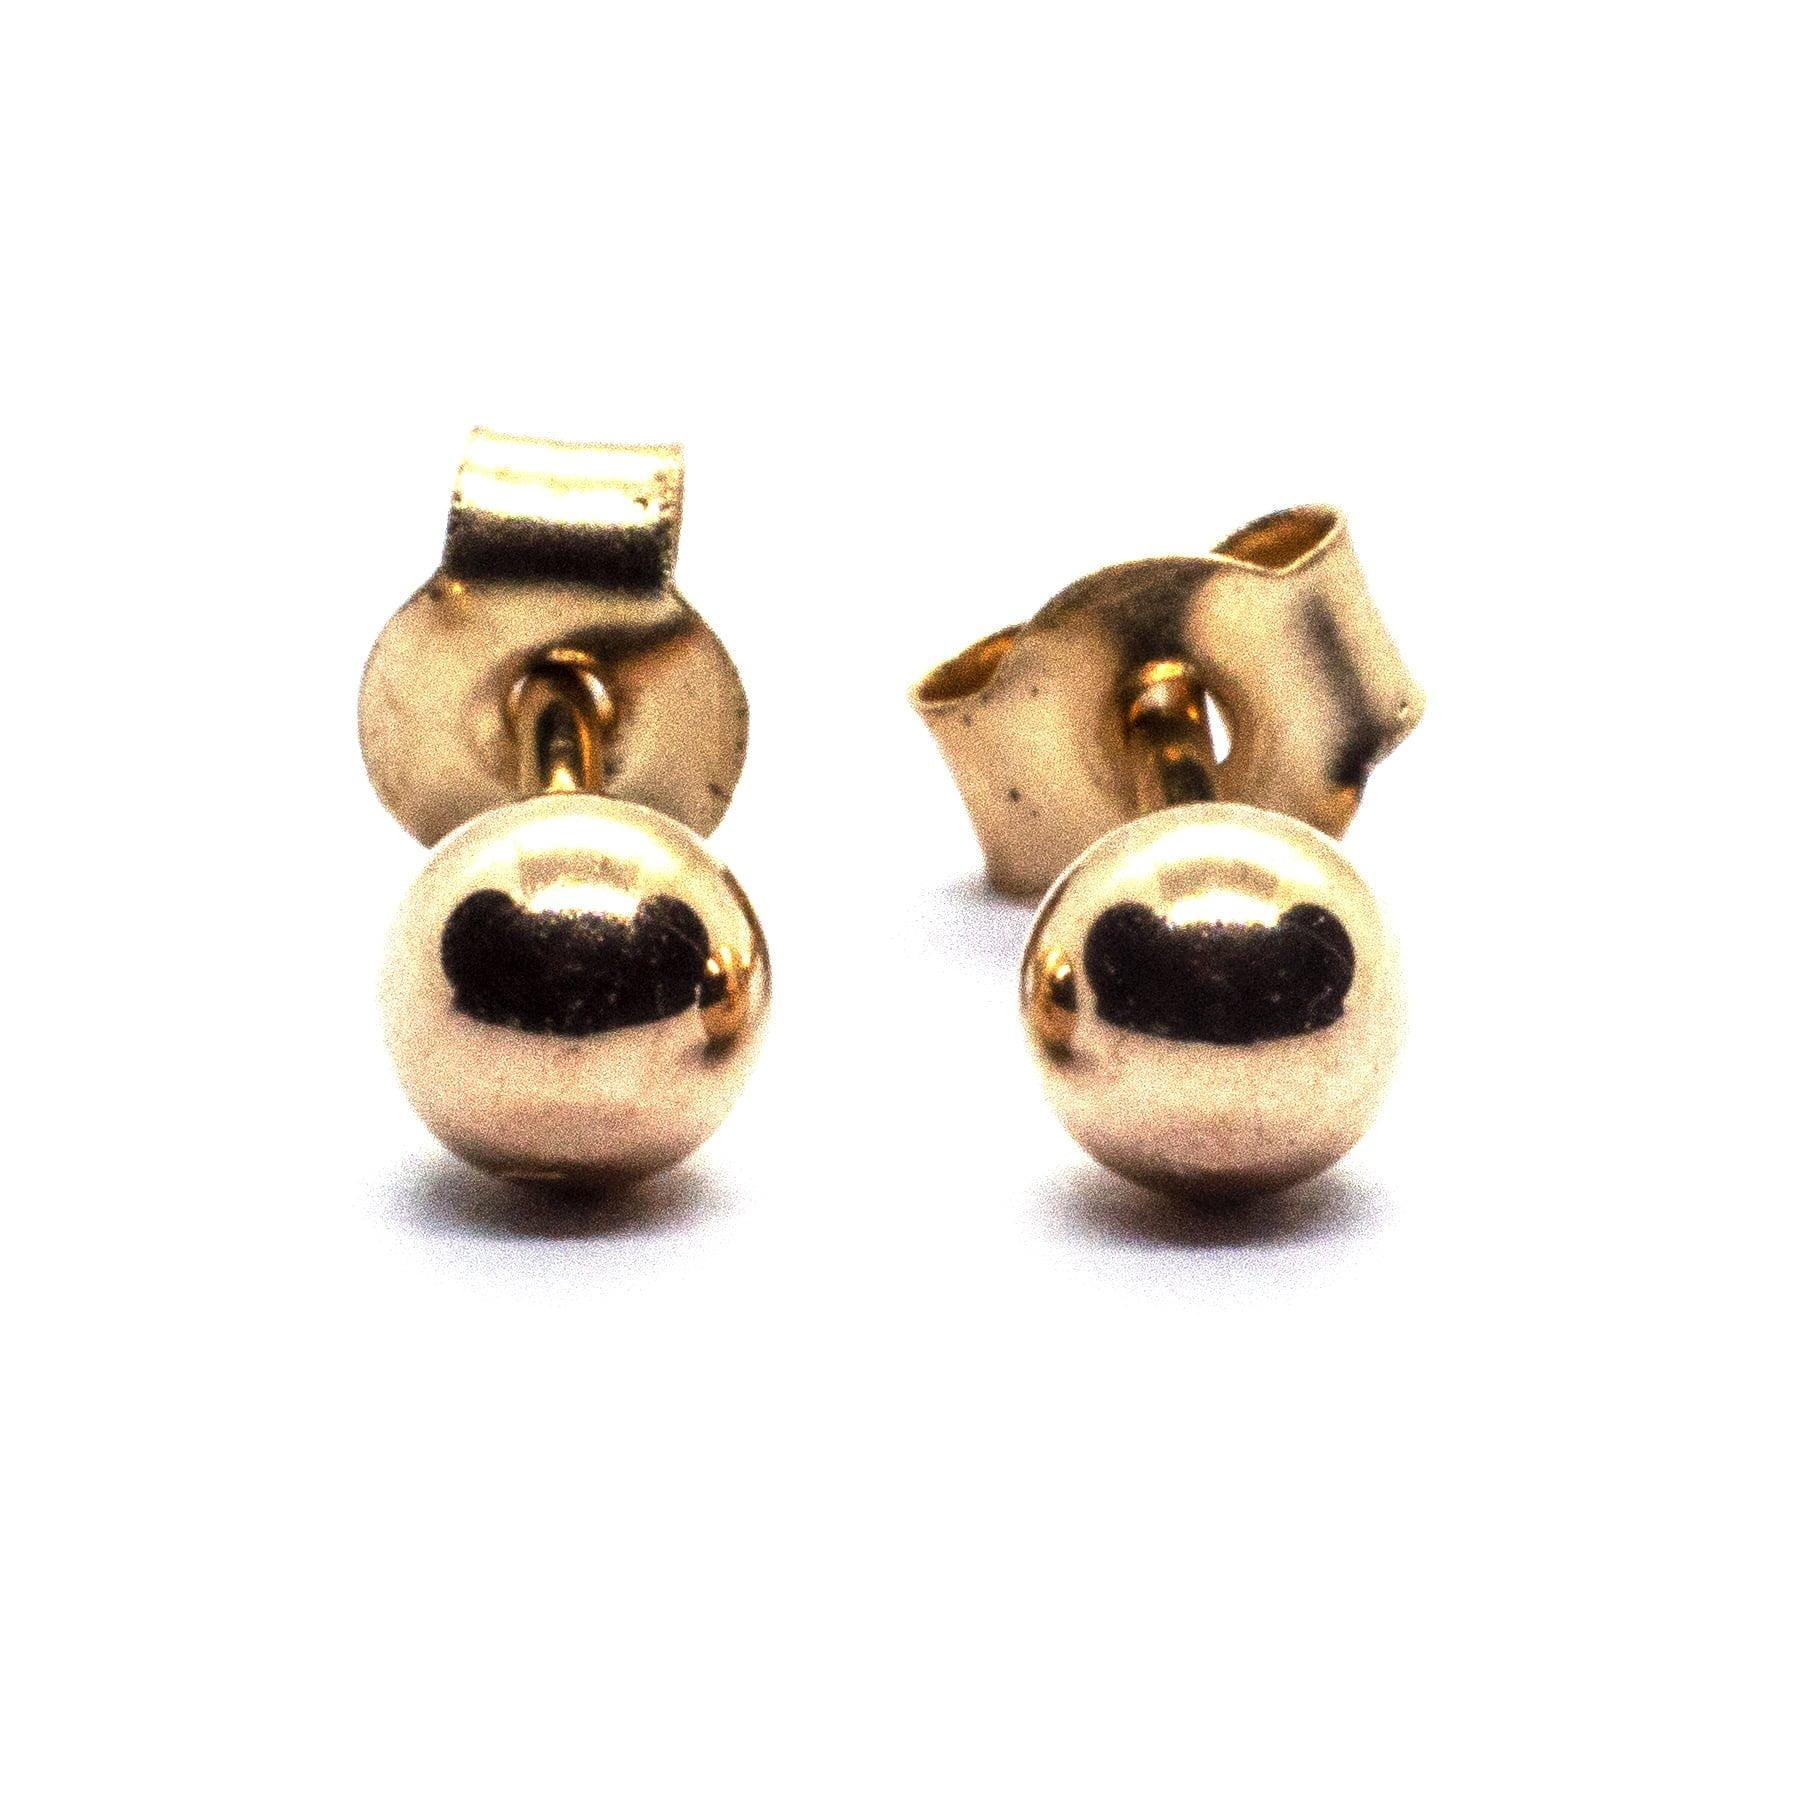 3mm 9ct gold ball earrings closer